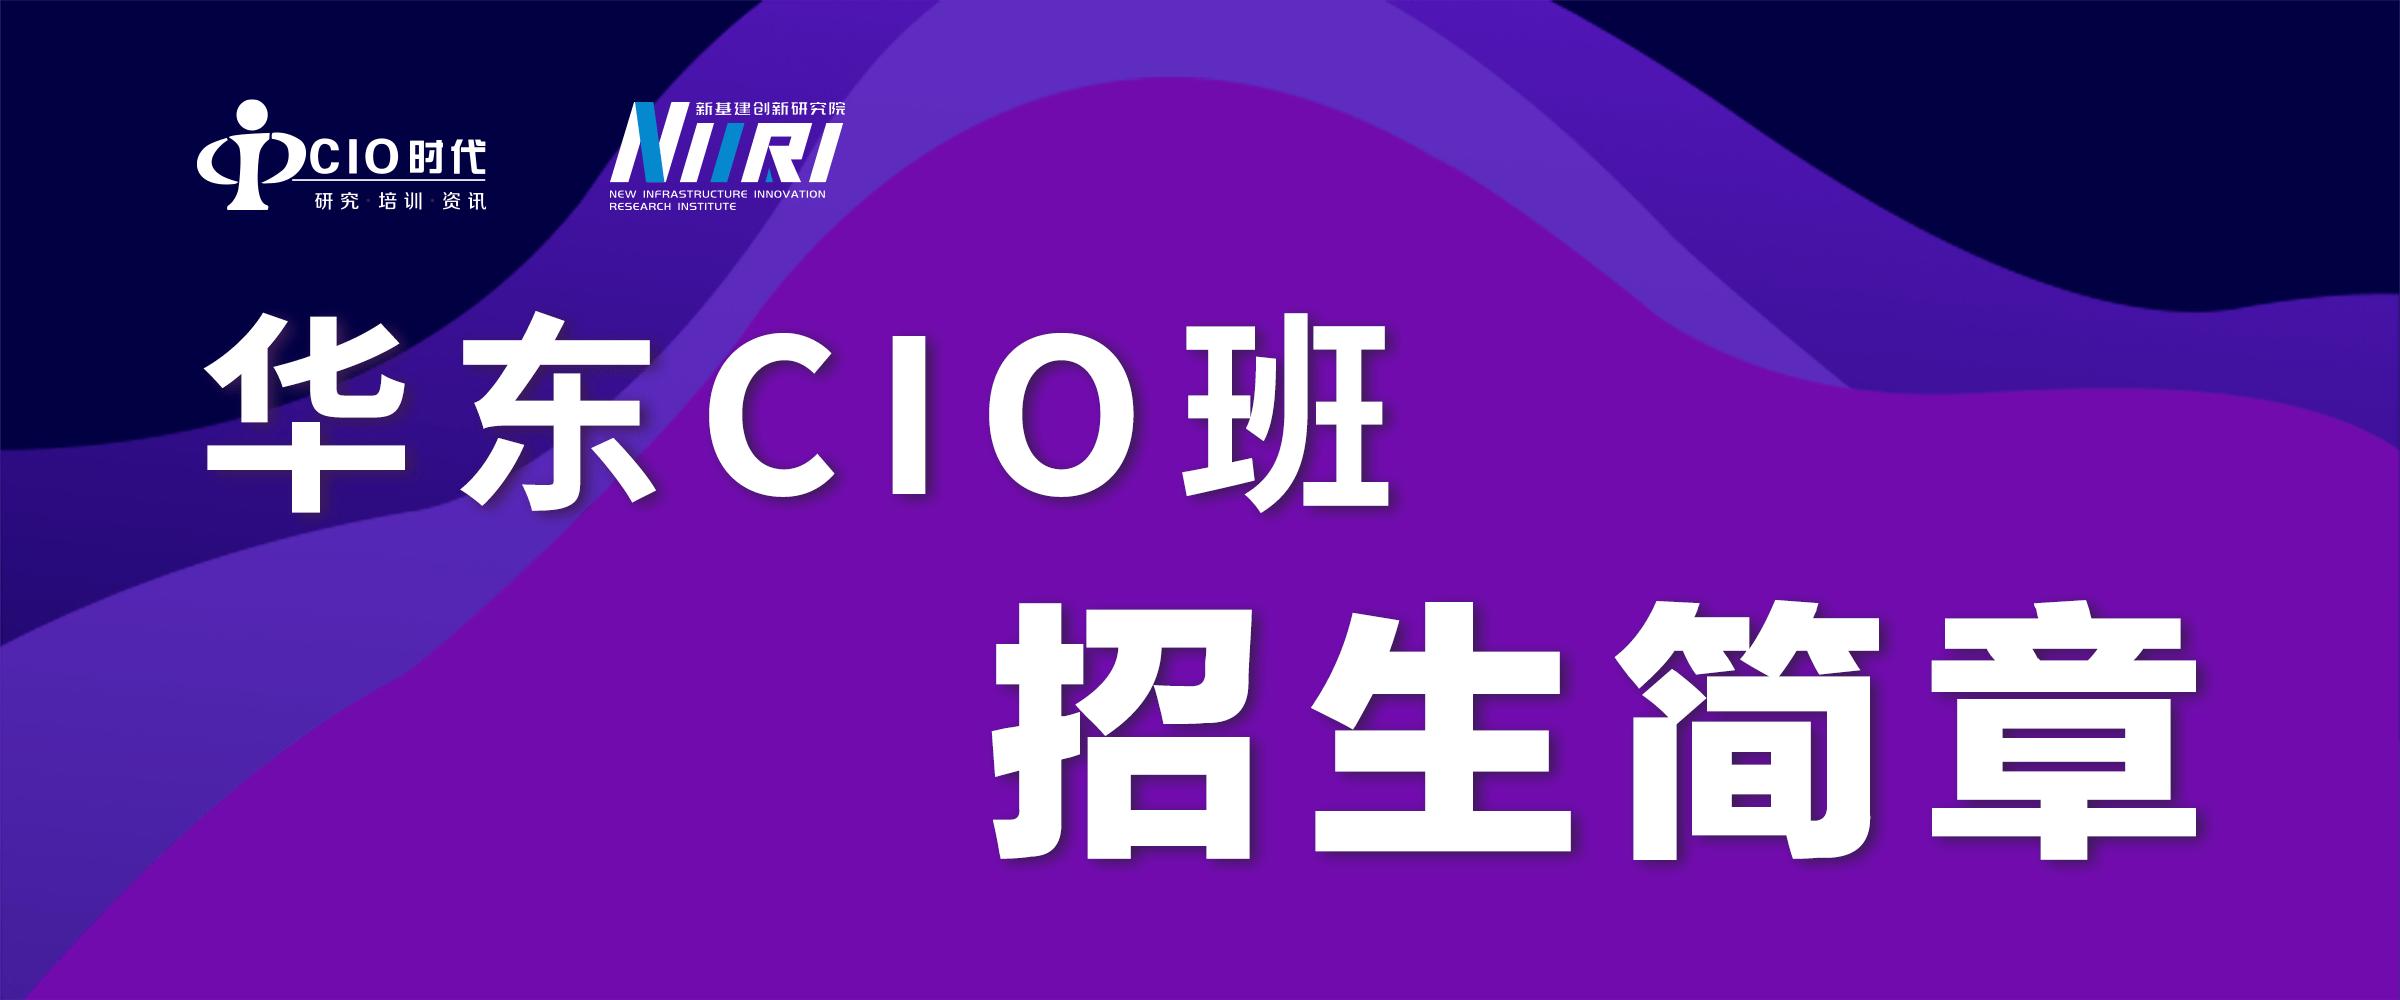 华东CIO班招生简章